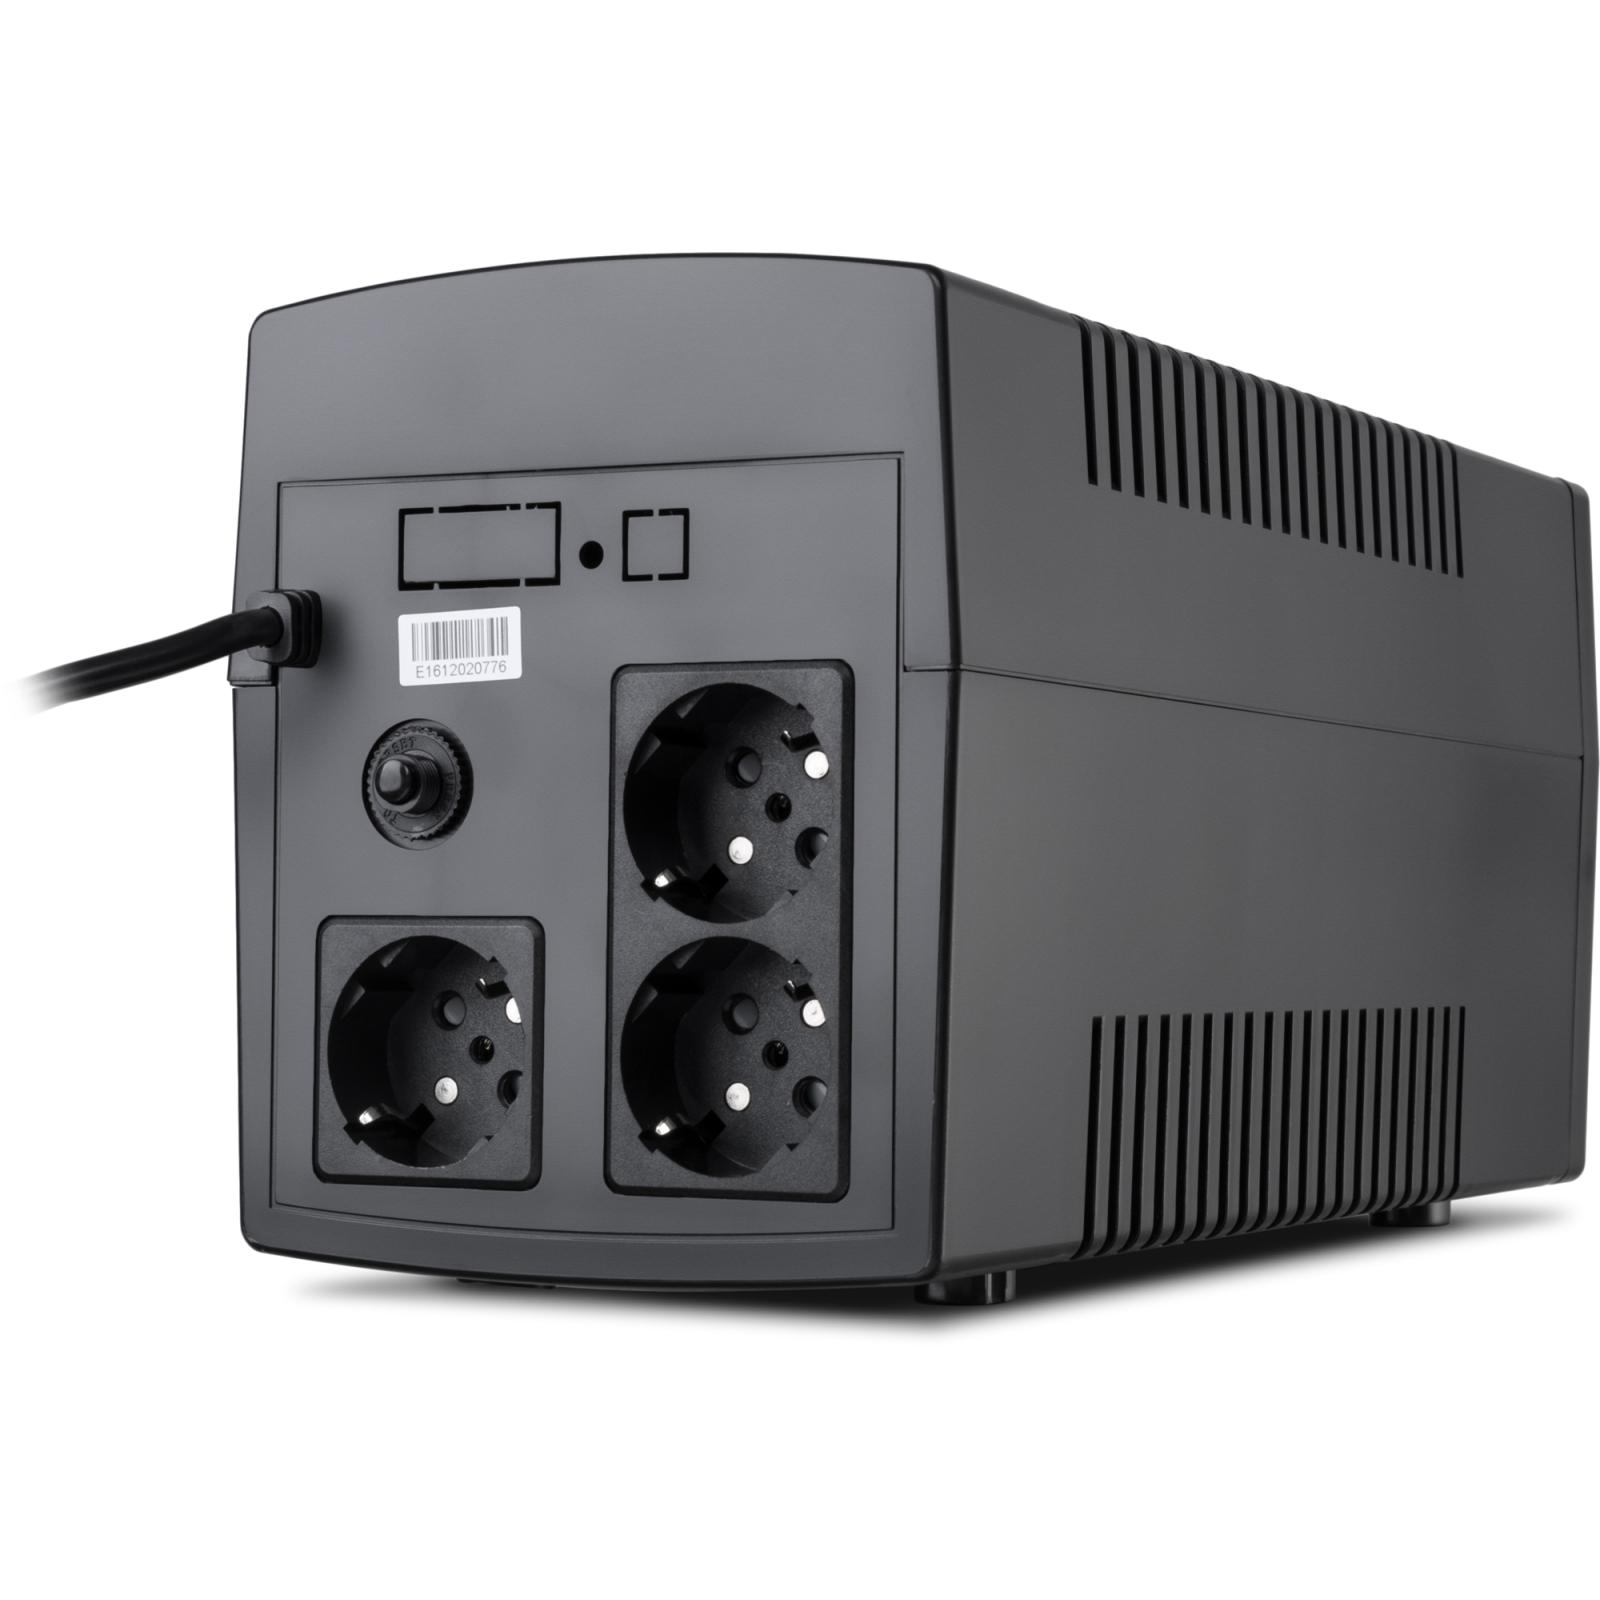 Источник бесперебойного питания Vinga LCD 1200VA plastic case (VPC-1200P) изображение 4